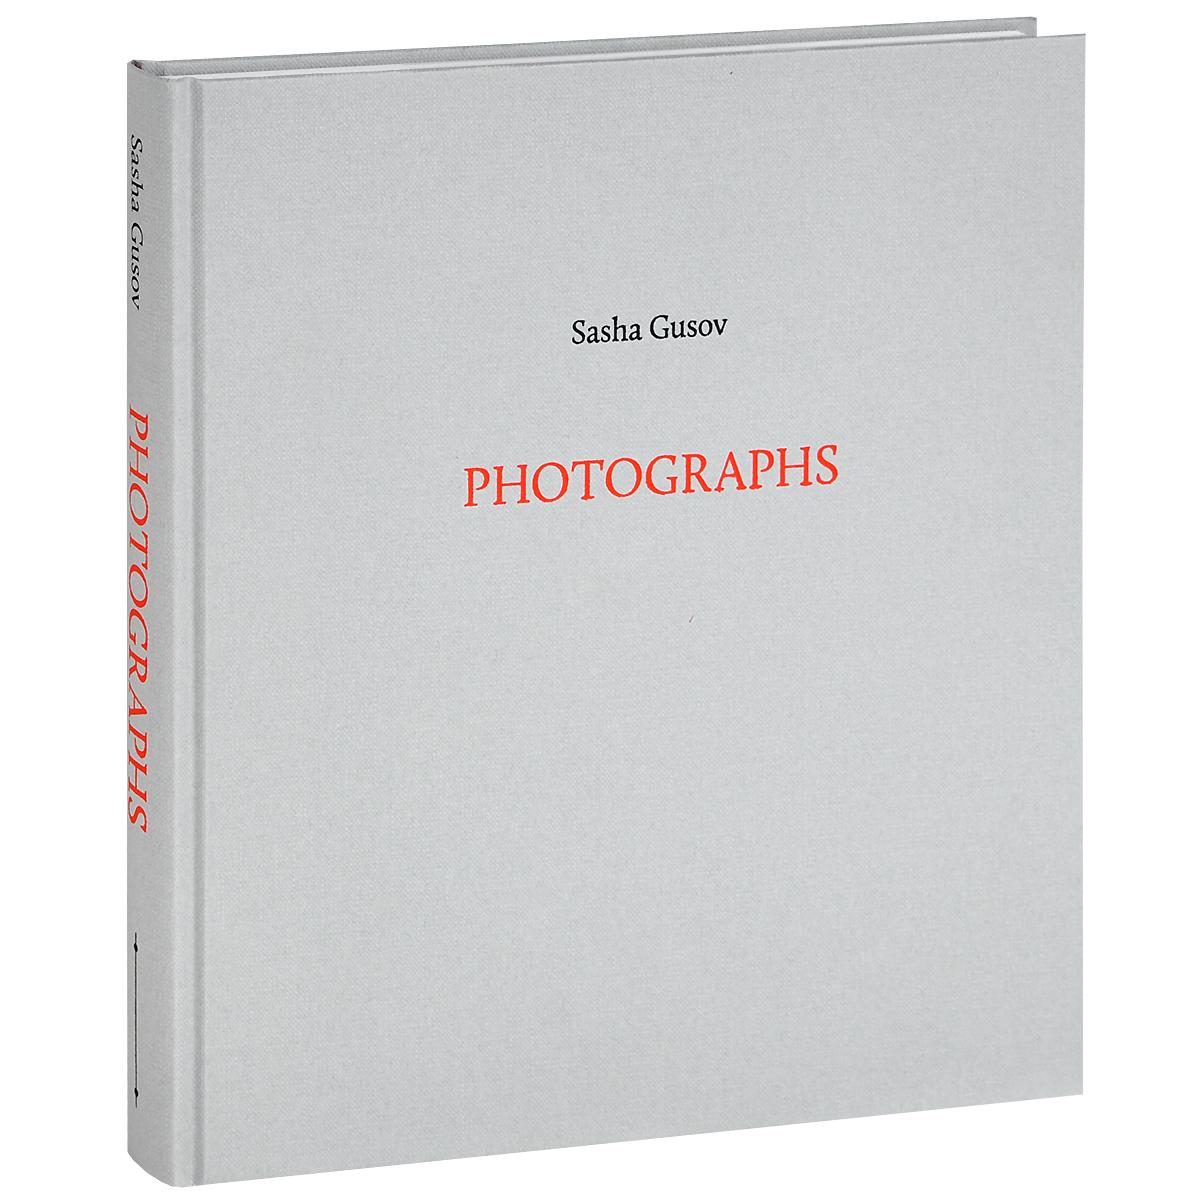 Sasha Gusov: Photographs, Андрей Наврозов